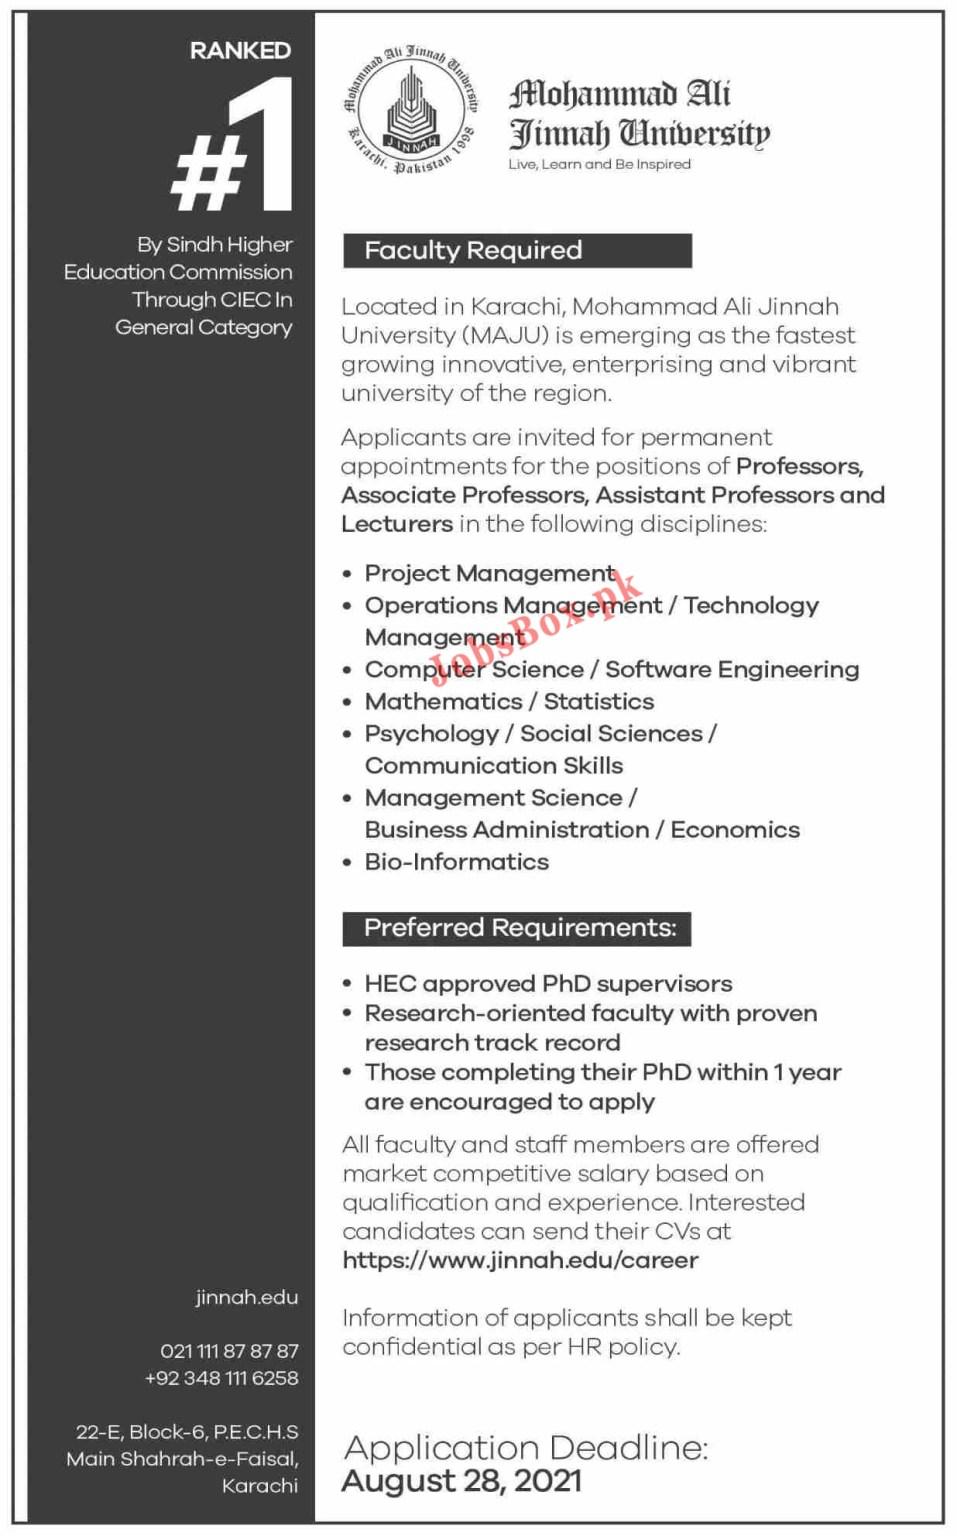 www.jinnah.edu Jobs 2021 - MAJU Muhammad Ali Jinnah University Jobs 2021 in Pakistan